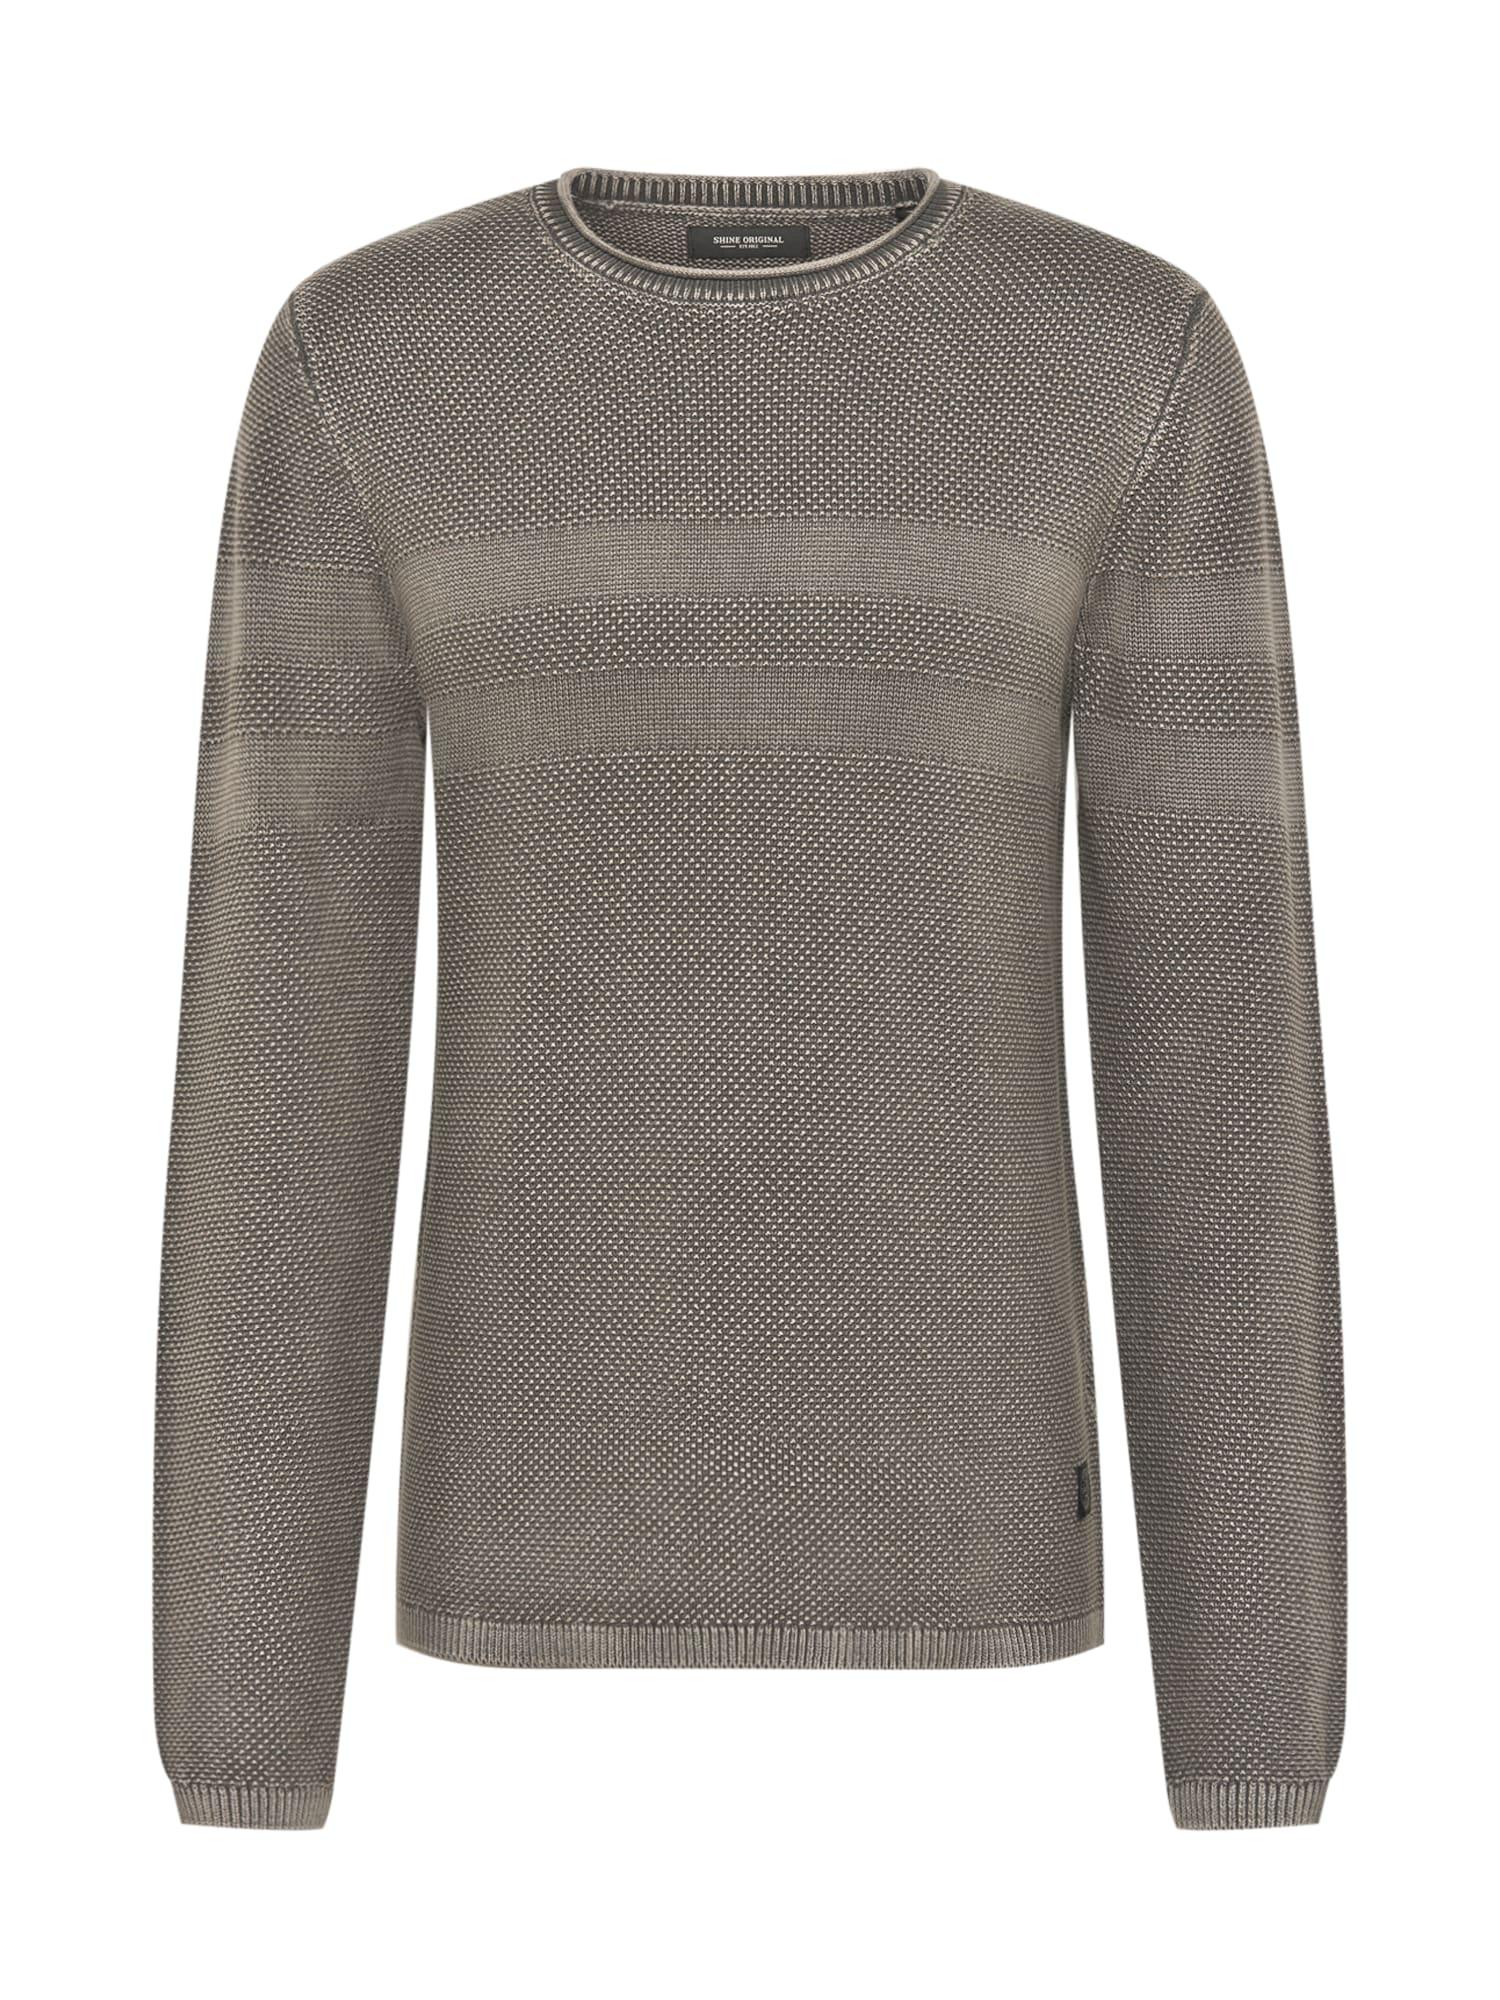 SHINE ORIGINAL Megztinis pilka